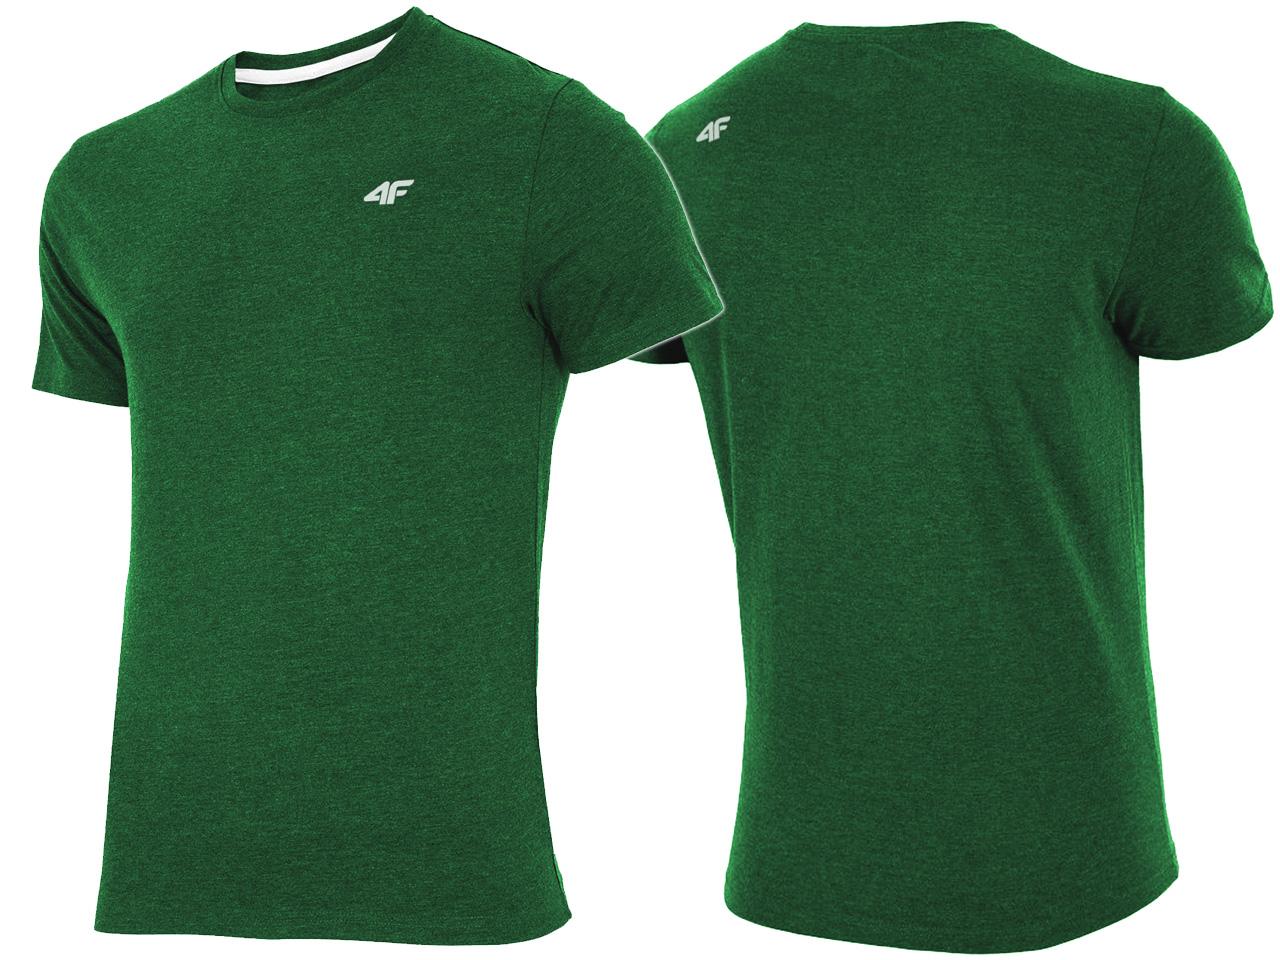 4F T-shirt Męski KOSZULKA L19 Zielony Melanż L